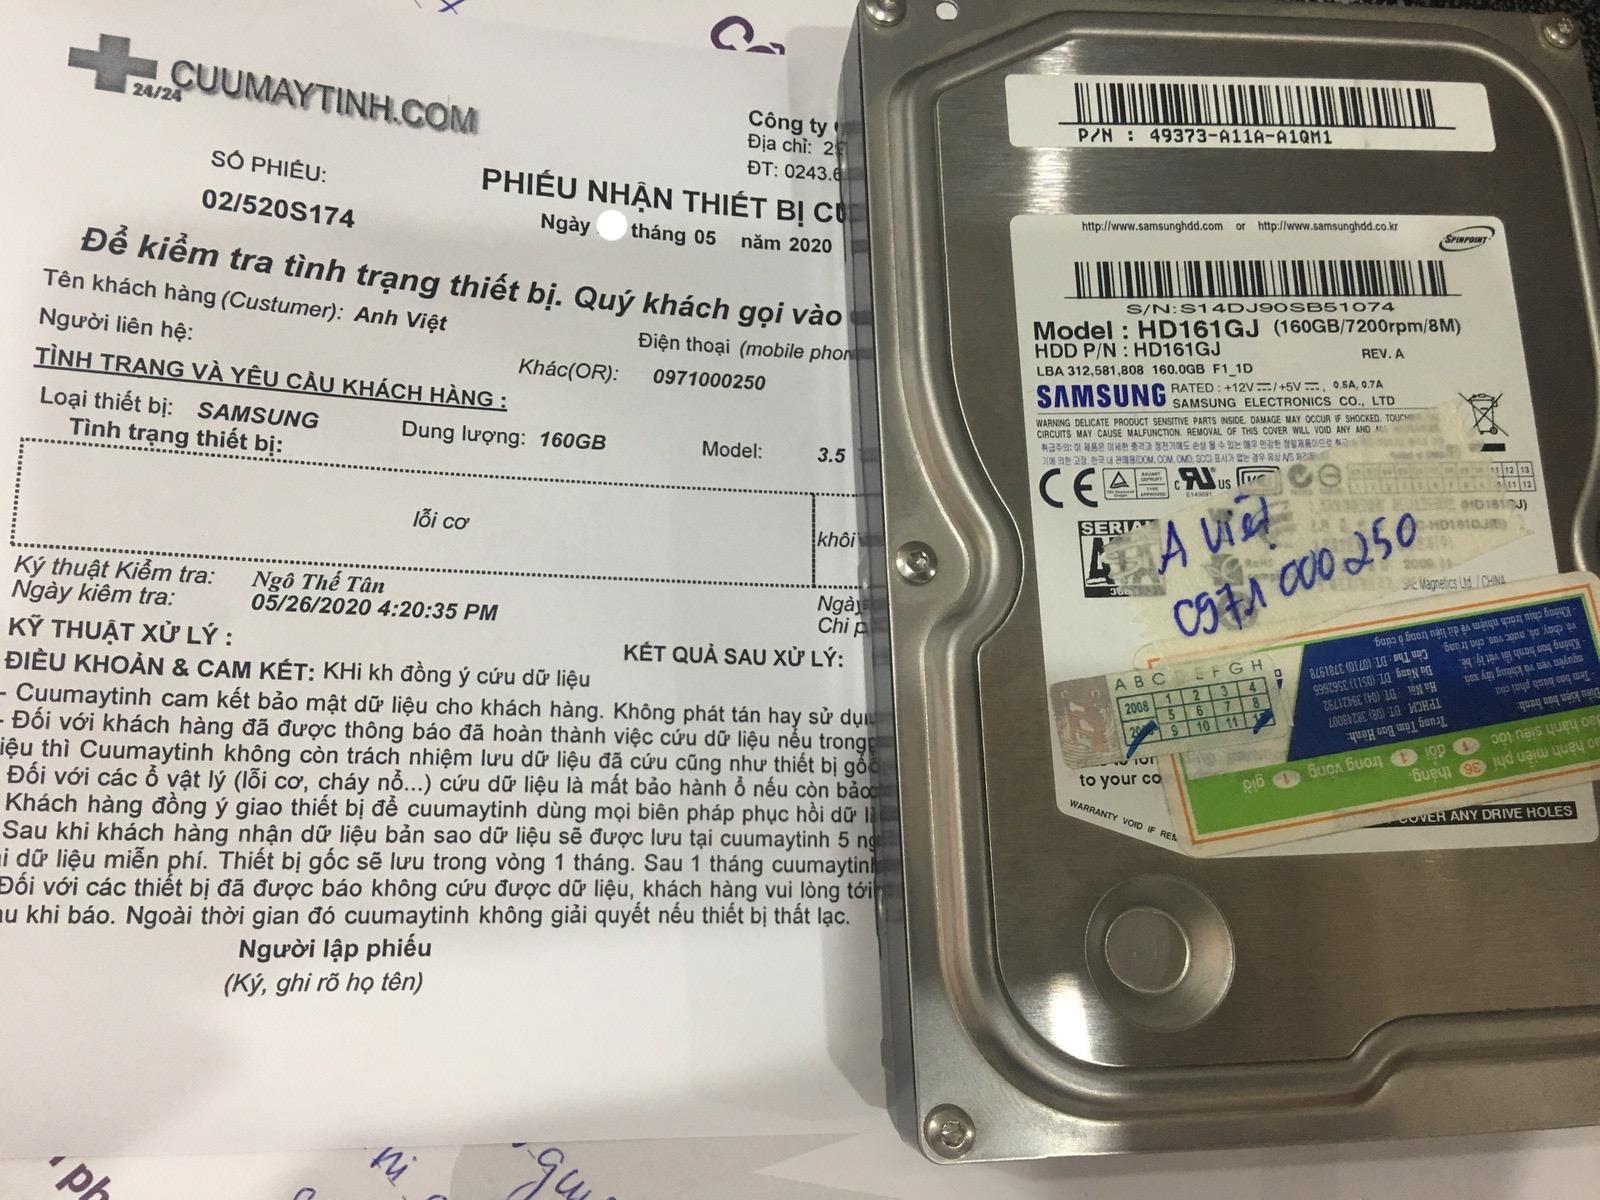 Khôi phục dữ liệu ổ cứng Samsung 160GB lỗi cơ 30/05/2020 - cuumaytinh